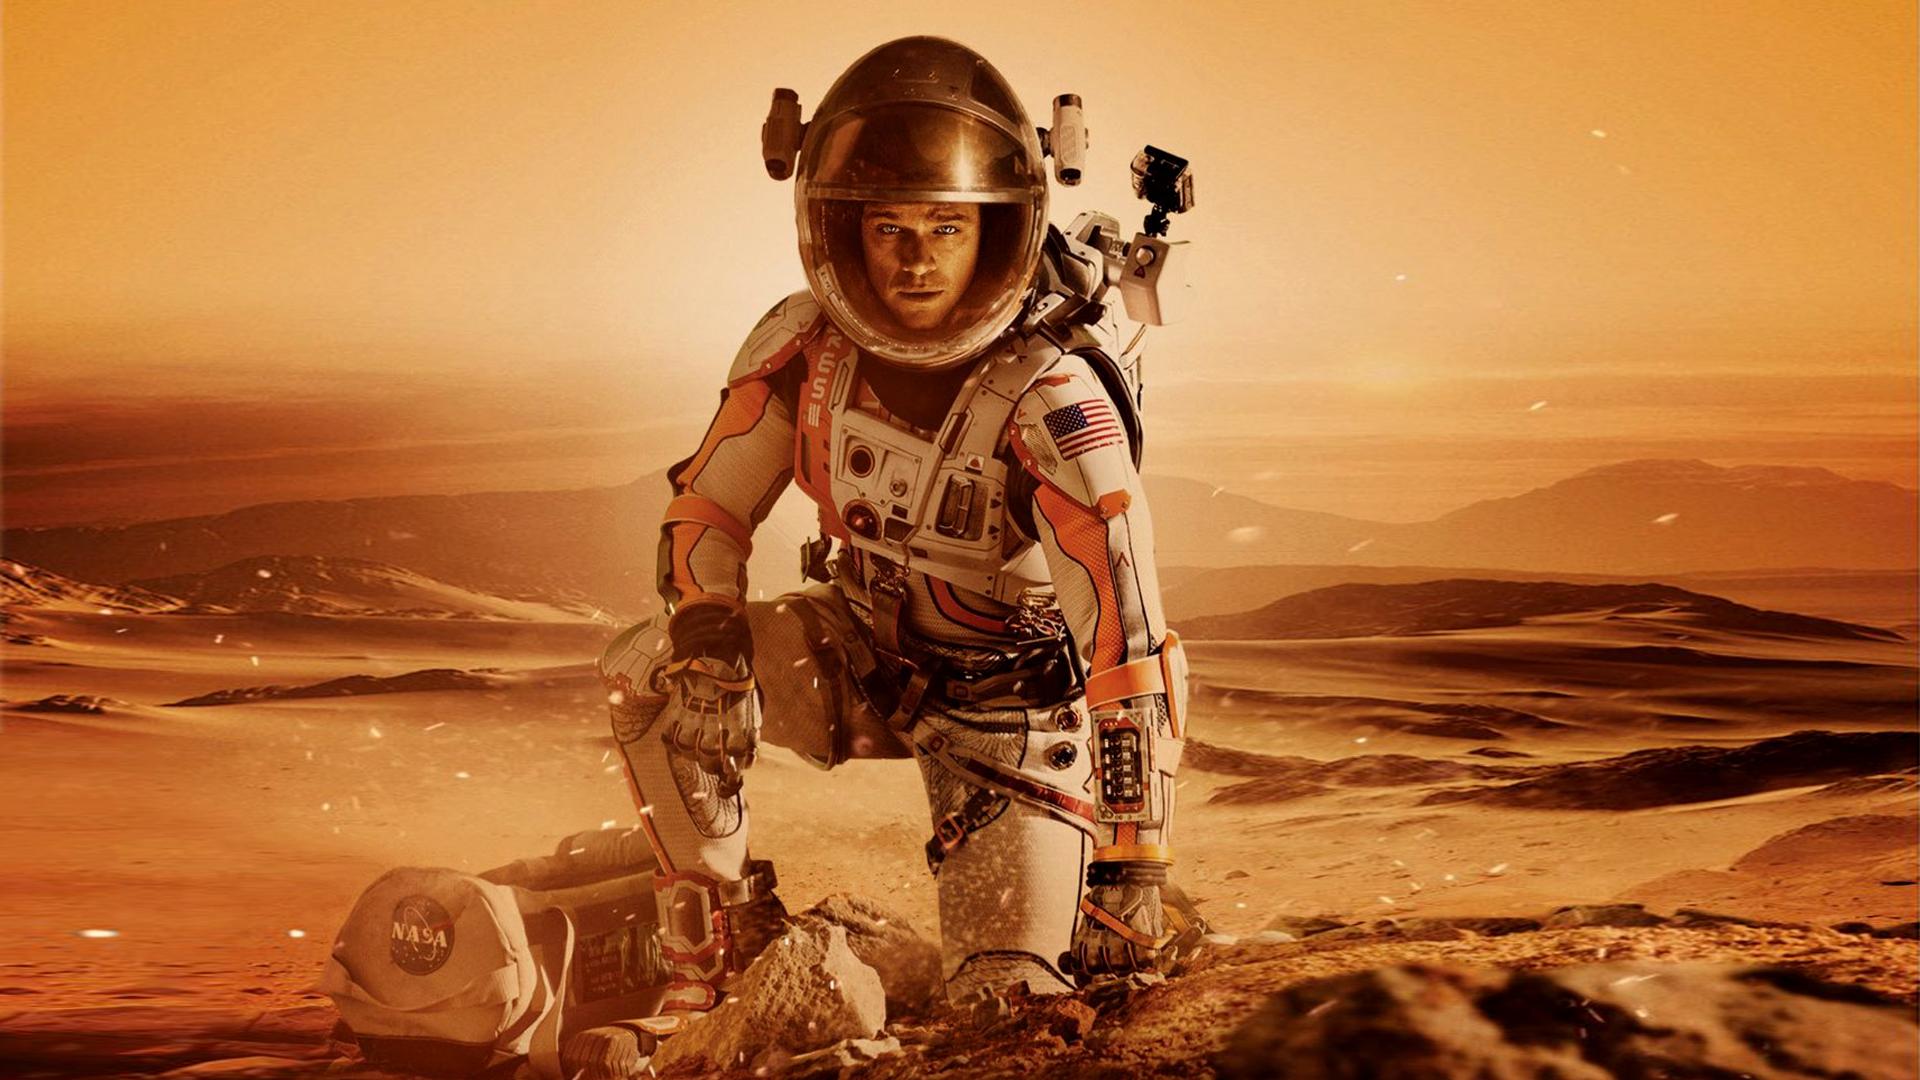 Космические горизонты: 6 открытий, которые изменят мир